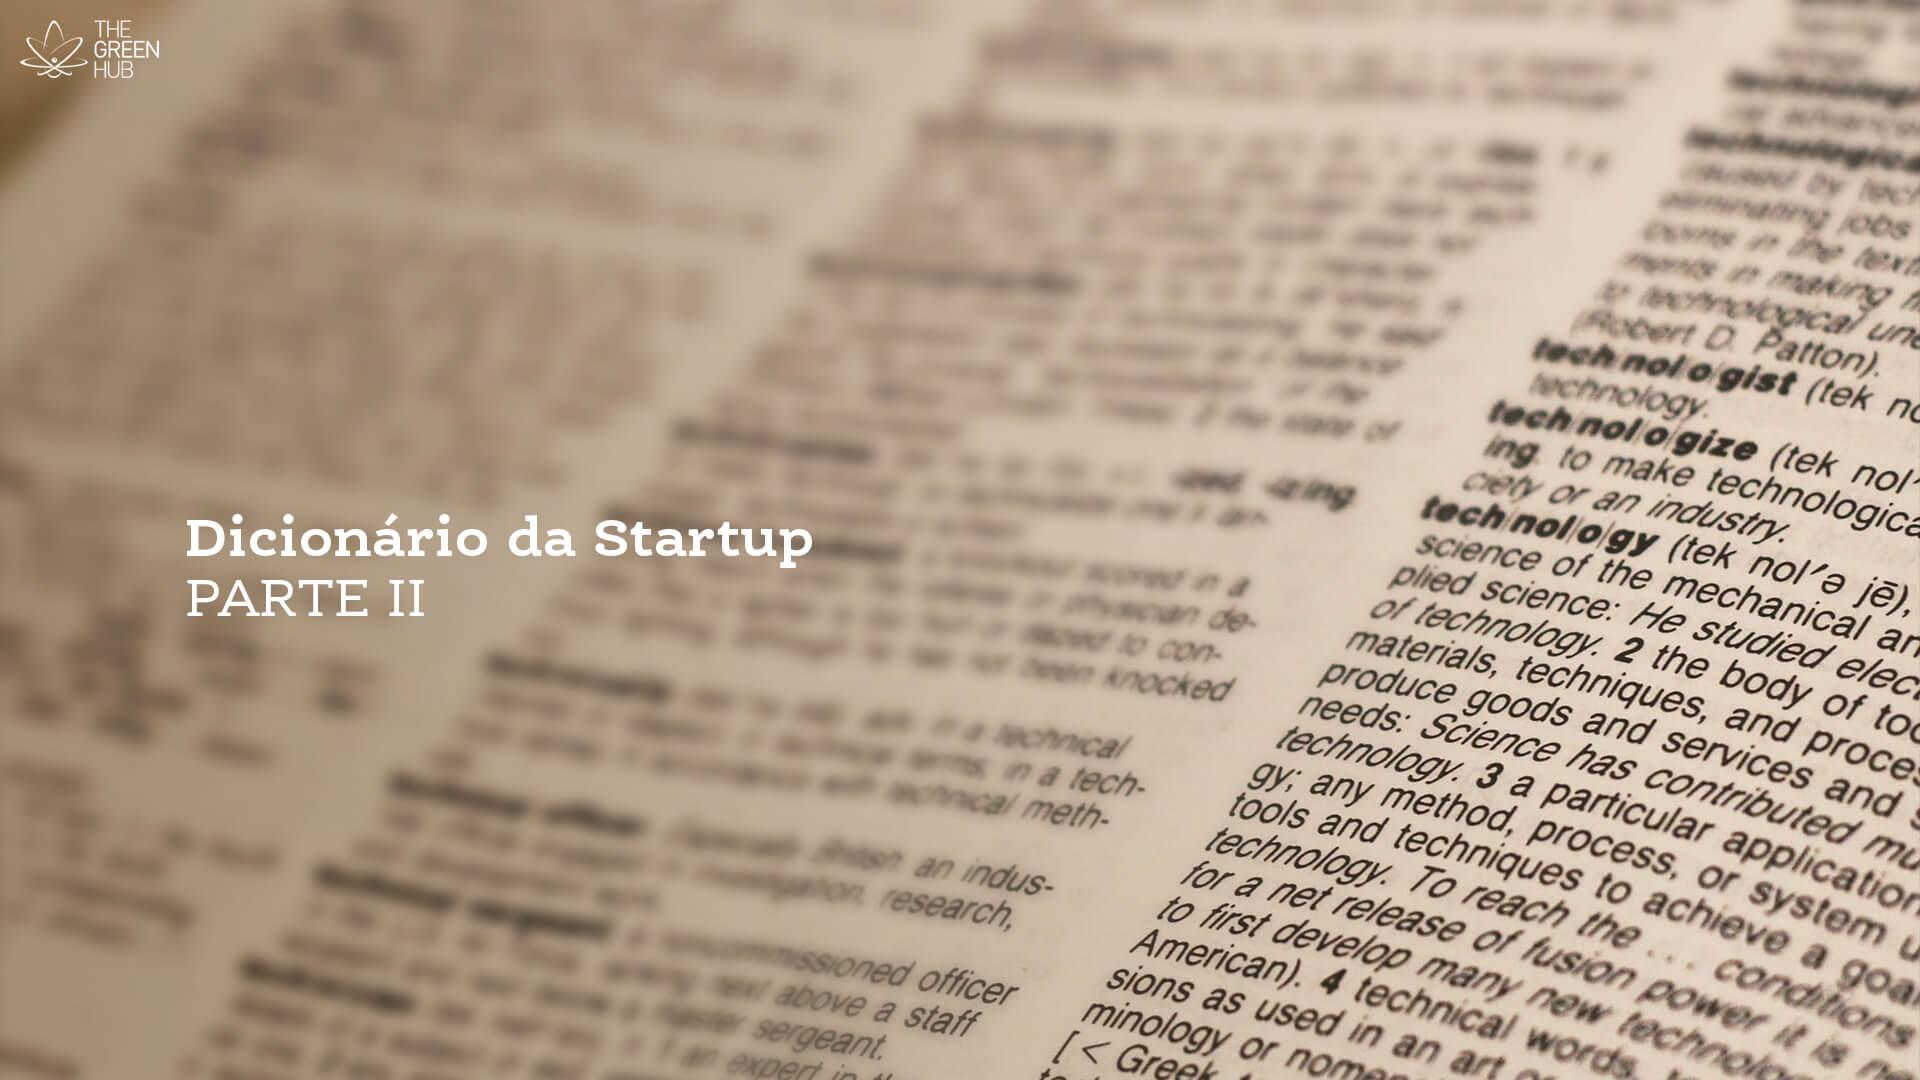 Dicionário da startup: termos de empreendedorismo que você precisa conhecer [parte 2]